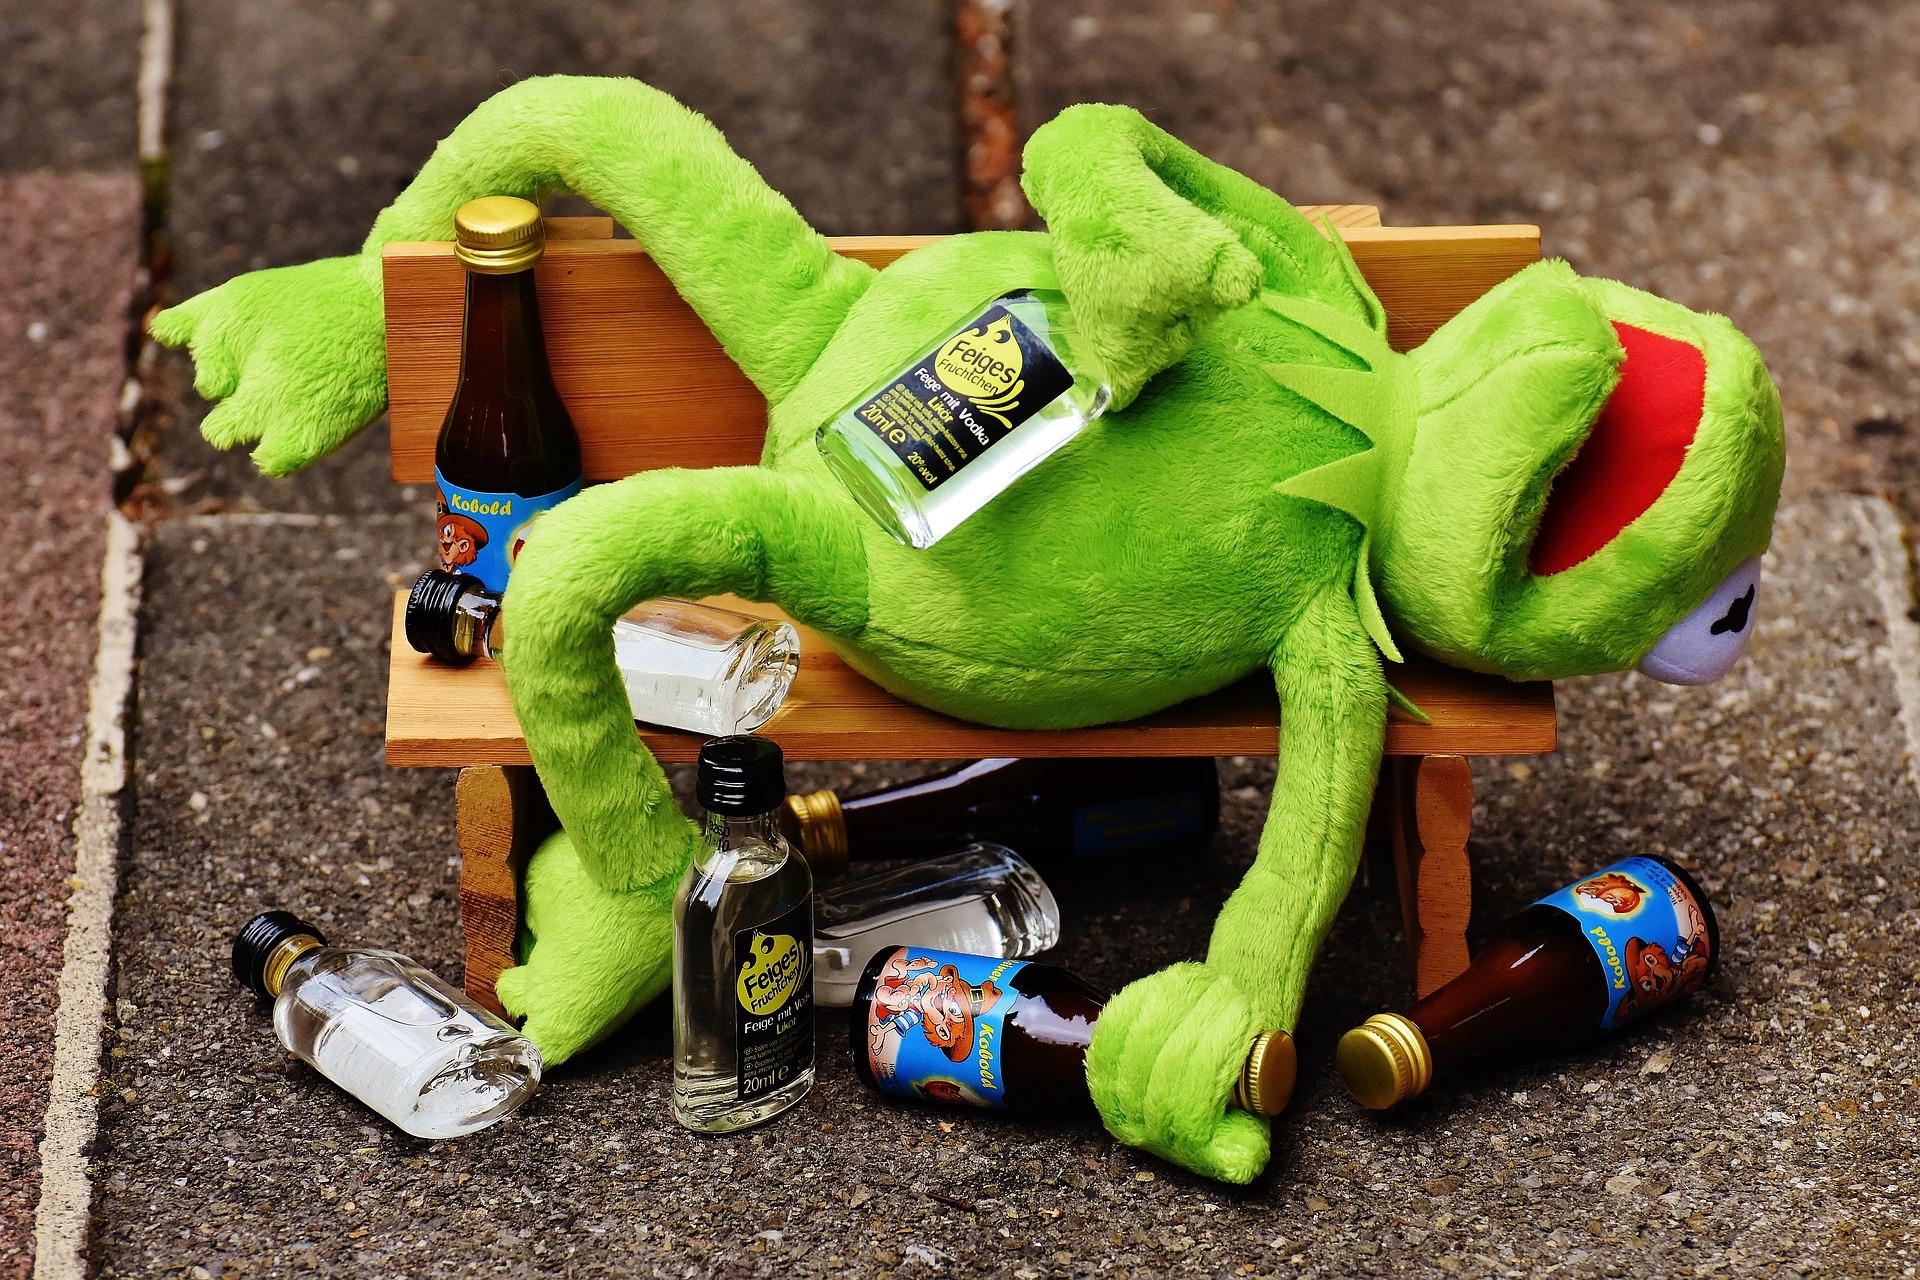 drunkdad.jpg